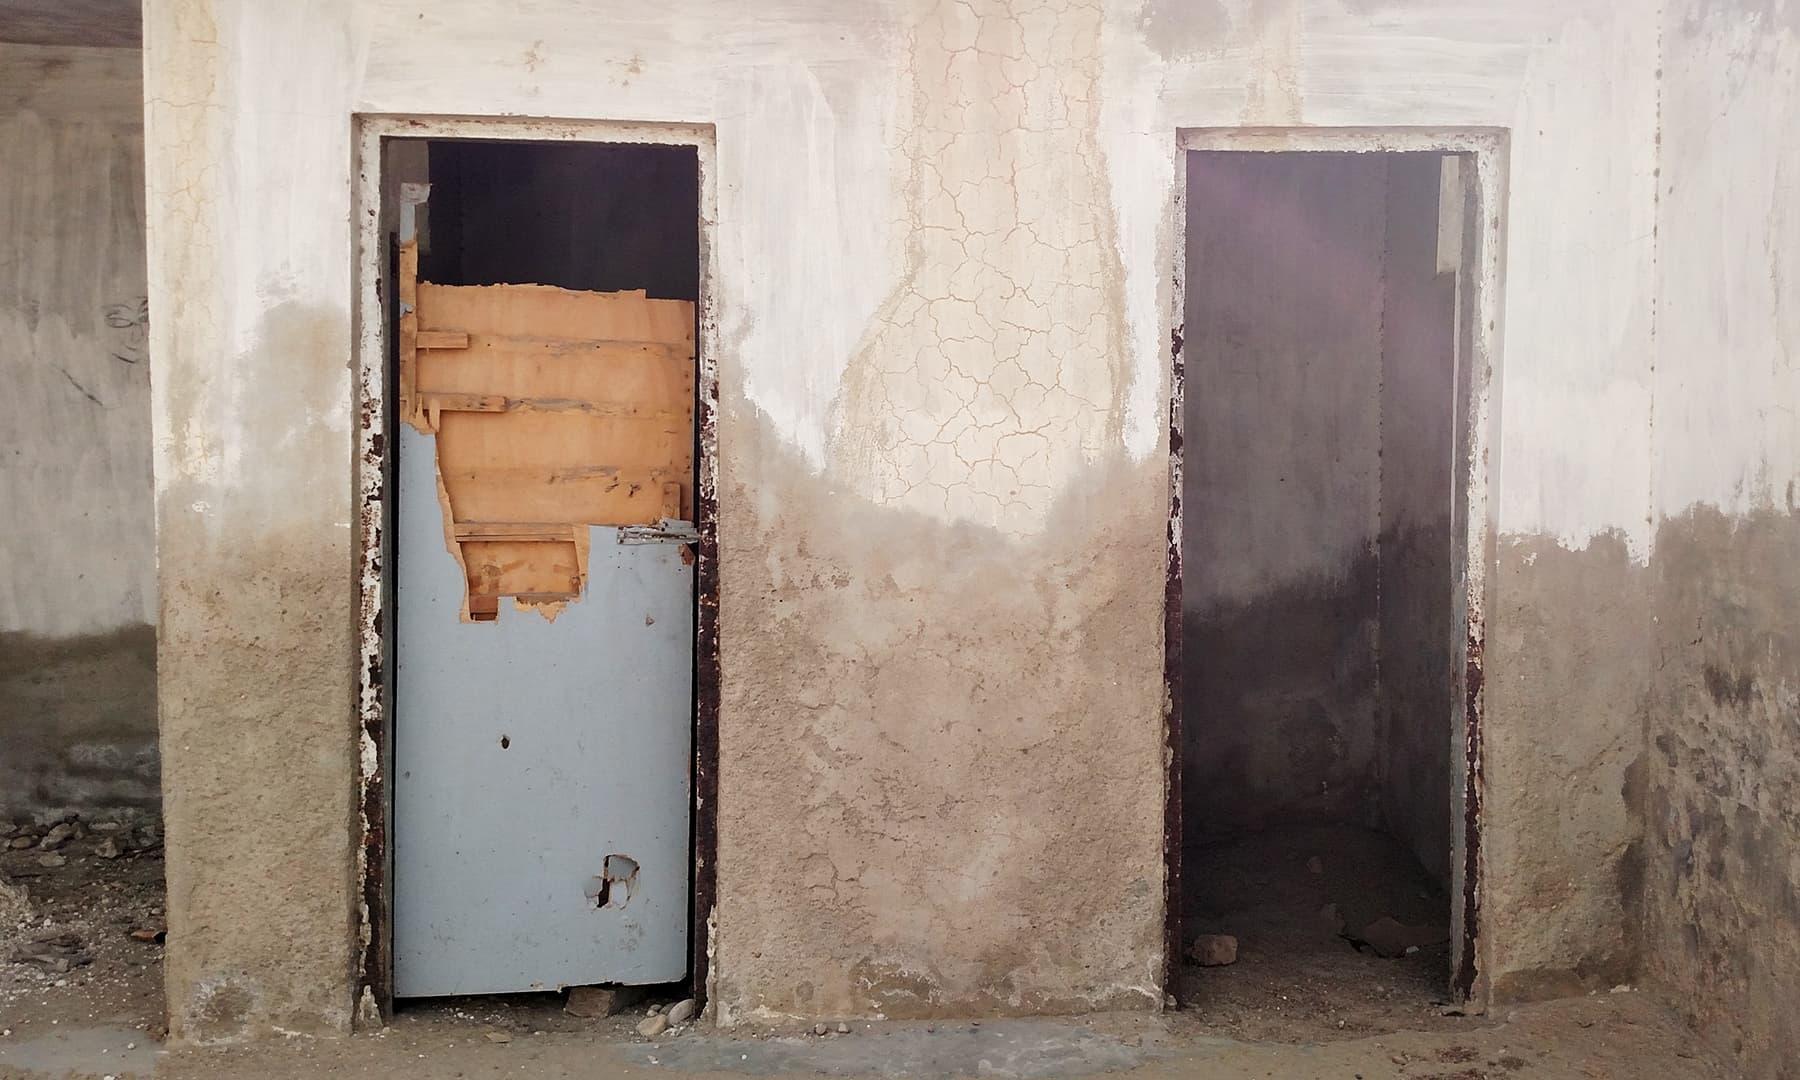 ہاسٹل کے اندر لکڑی کے دروازے خستہ حالت میں موجود ہیں۔— بلال کریم مغل